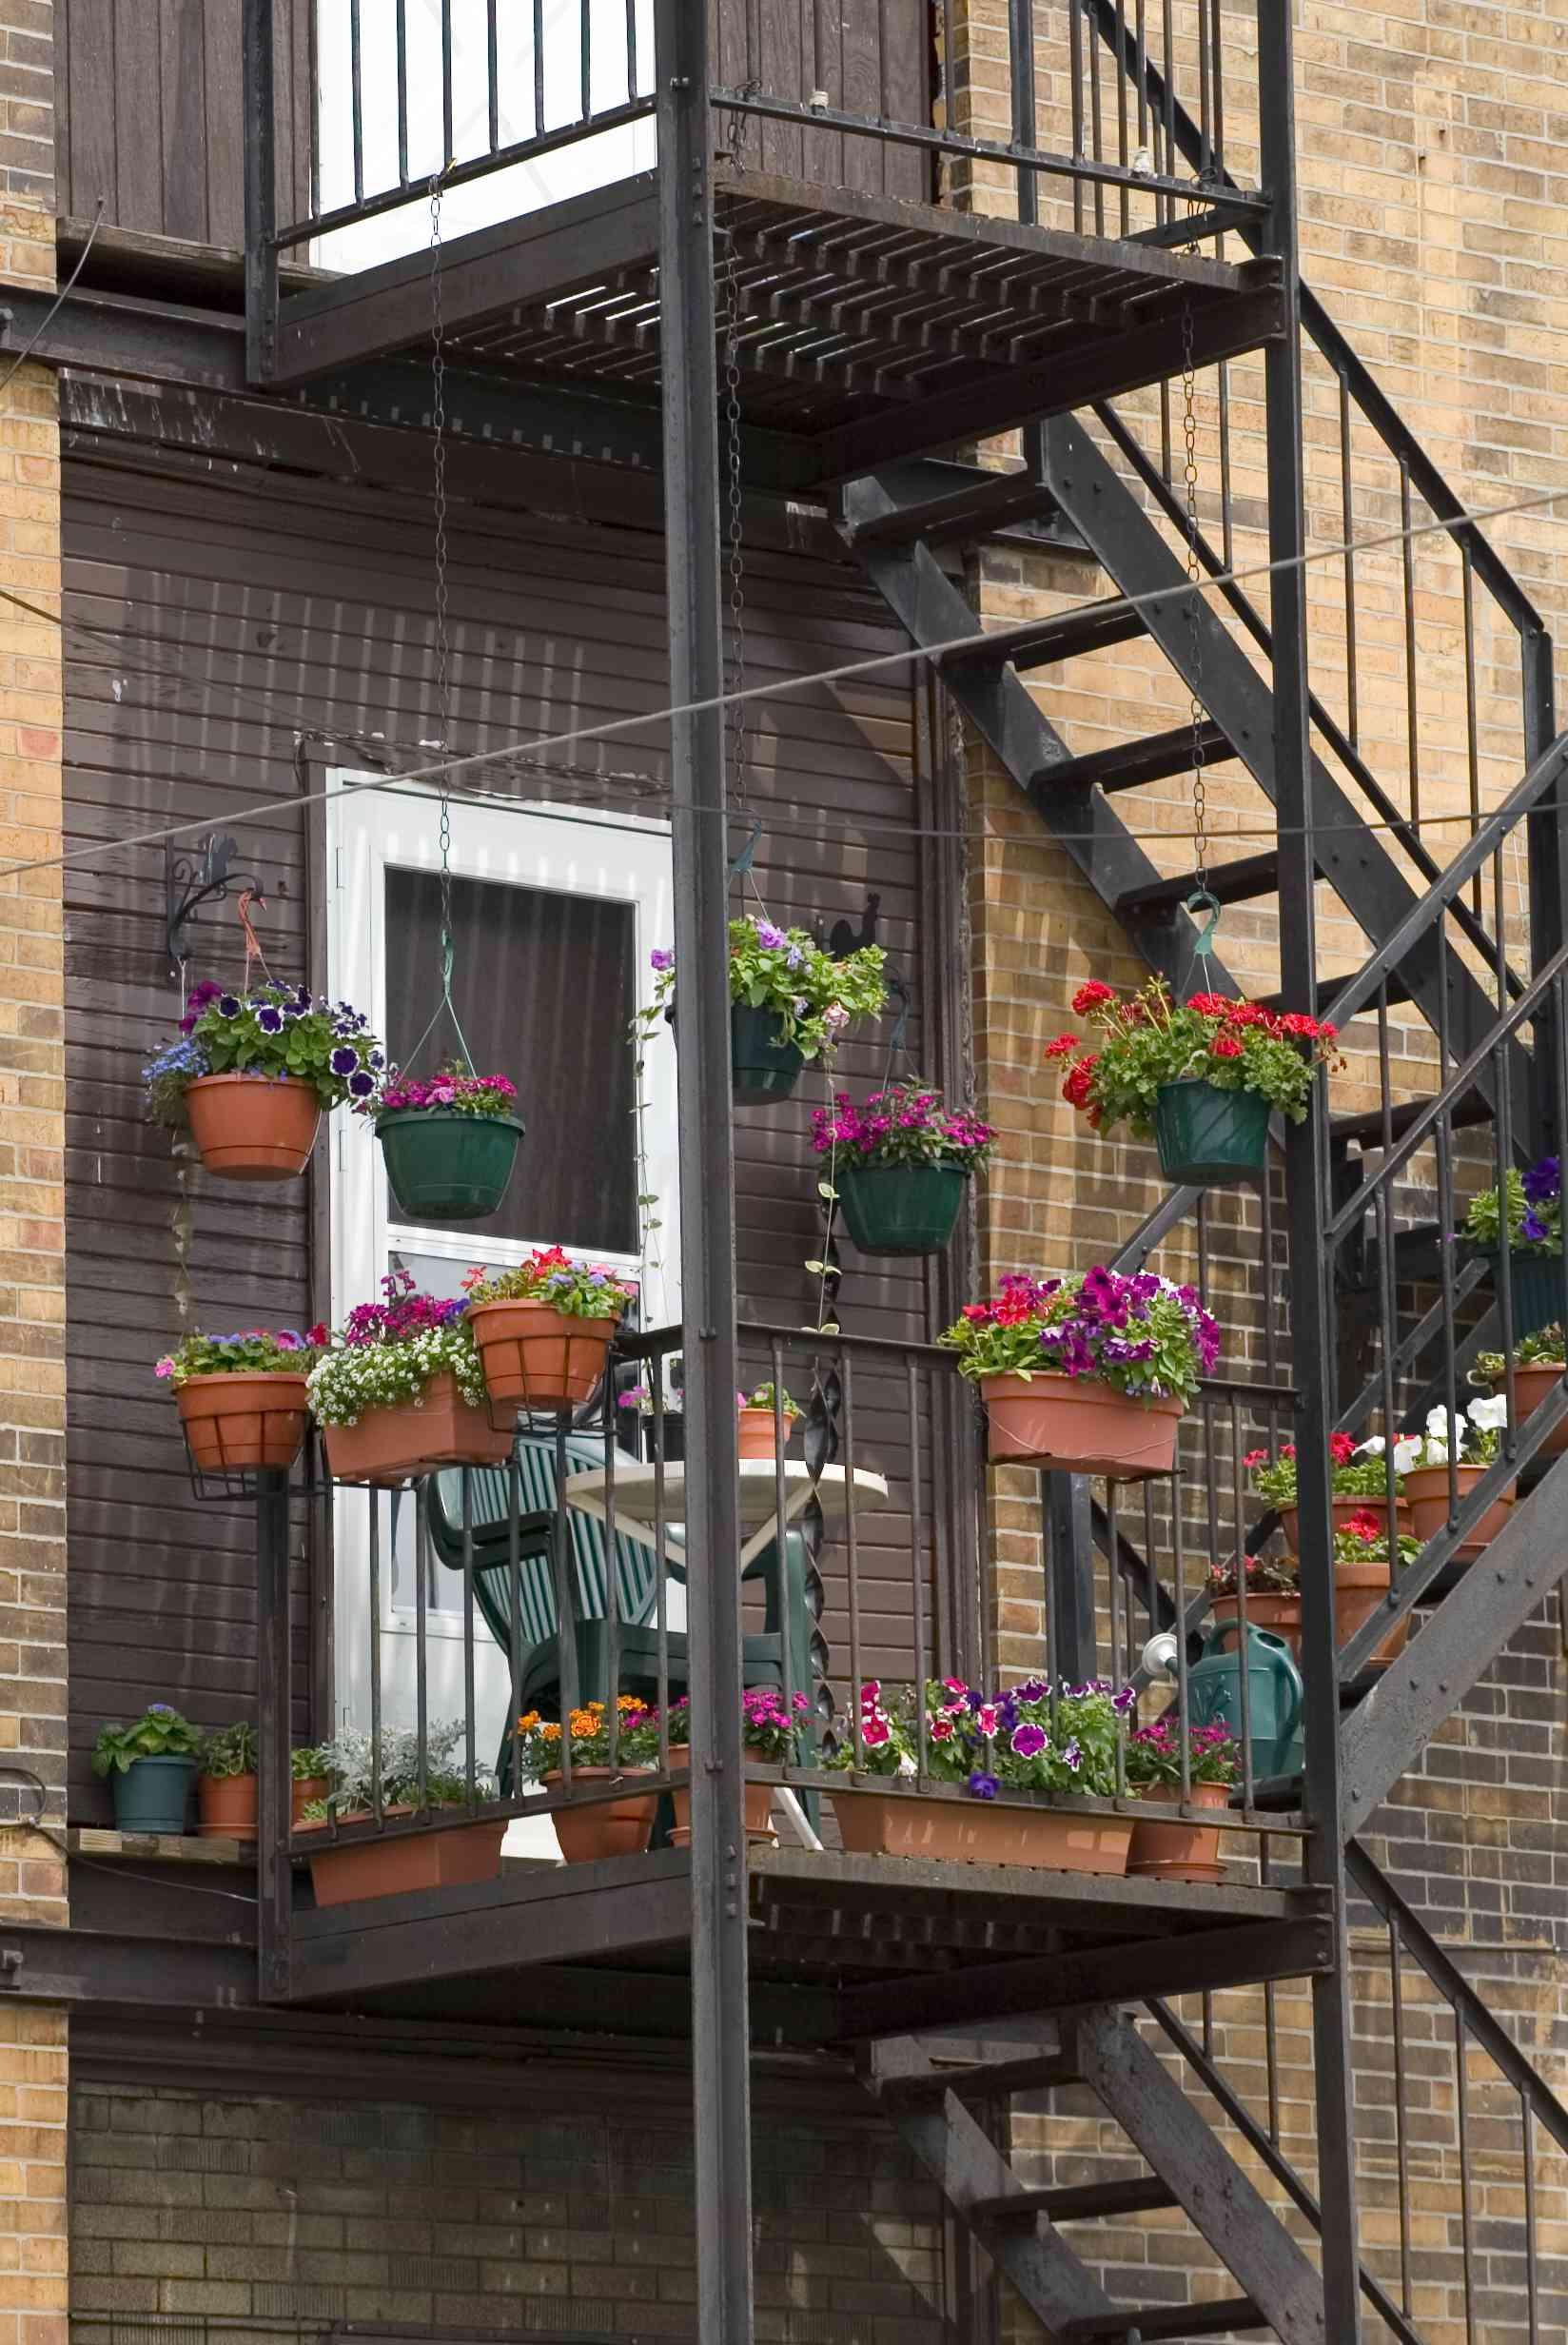 A garden on a fire escape.